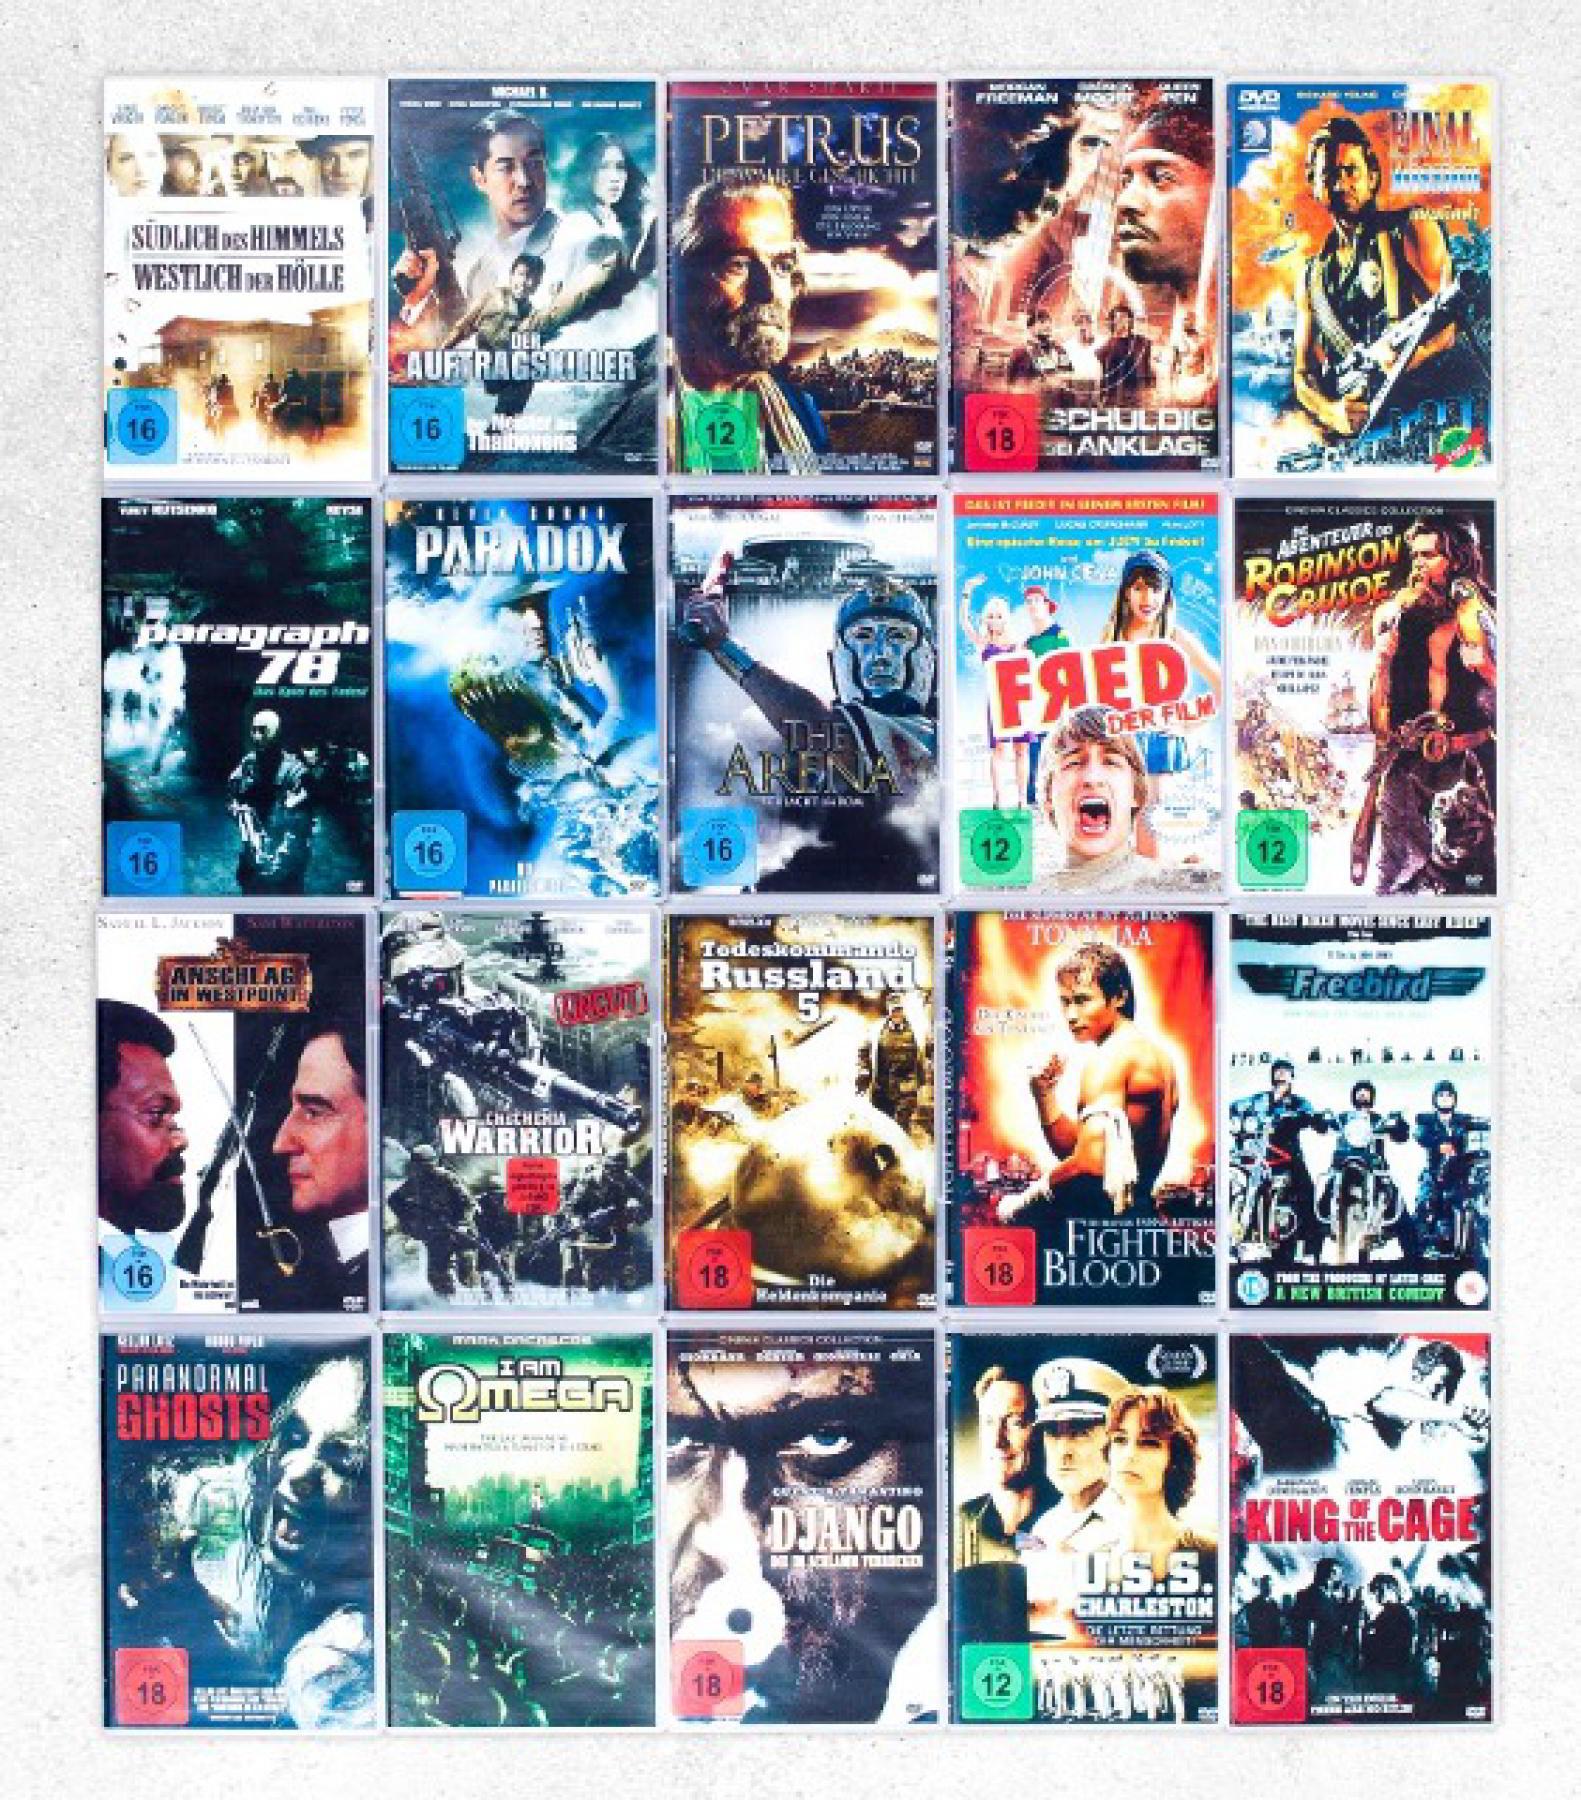 cd wall das dvd wall5x4 regal viel mehr als nur ein dvd regal eine dvd wand und ihren. Black Bedroom Furniture Sets. Home Design Ideas